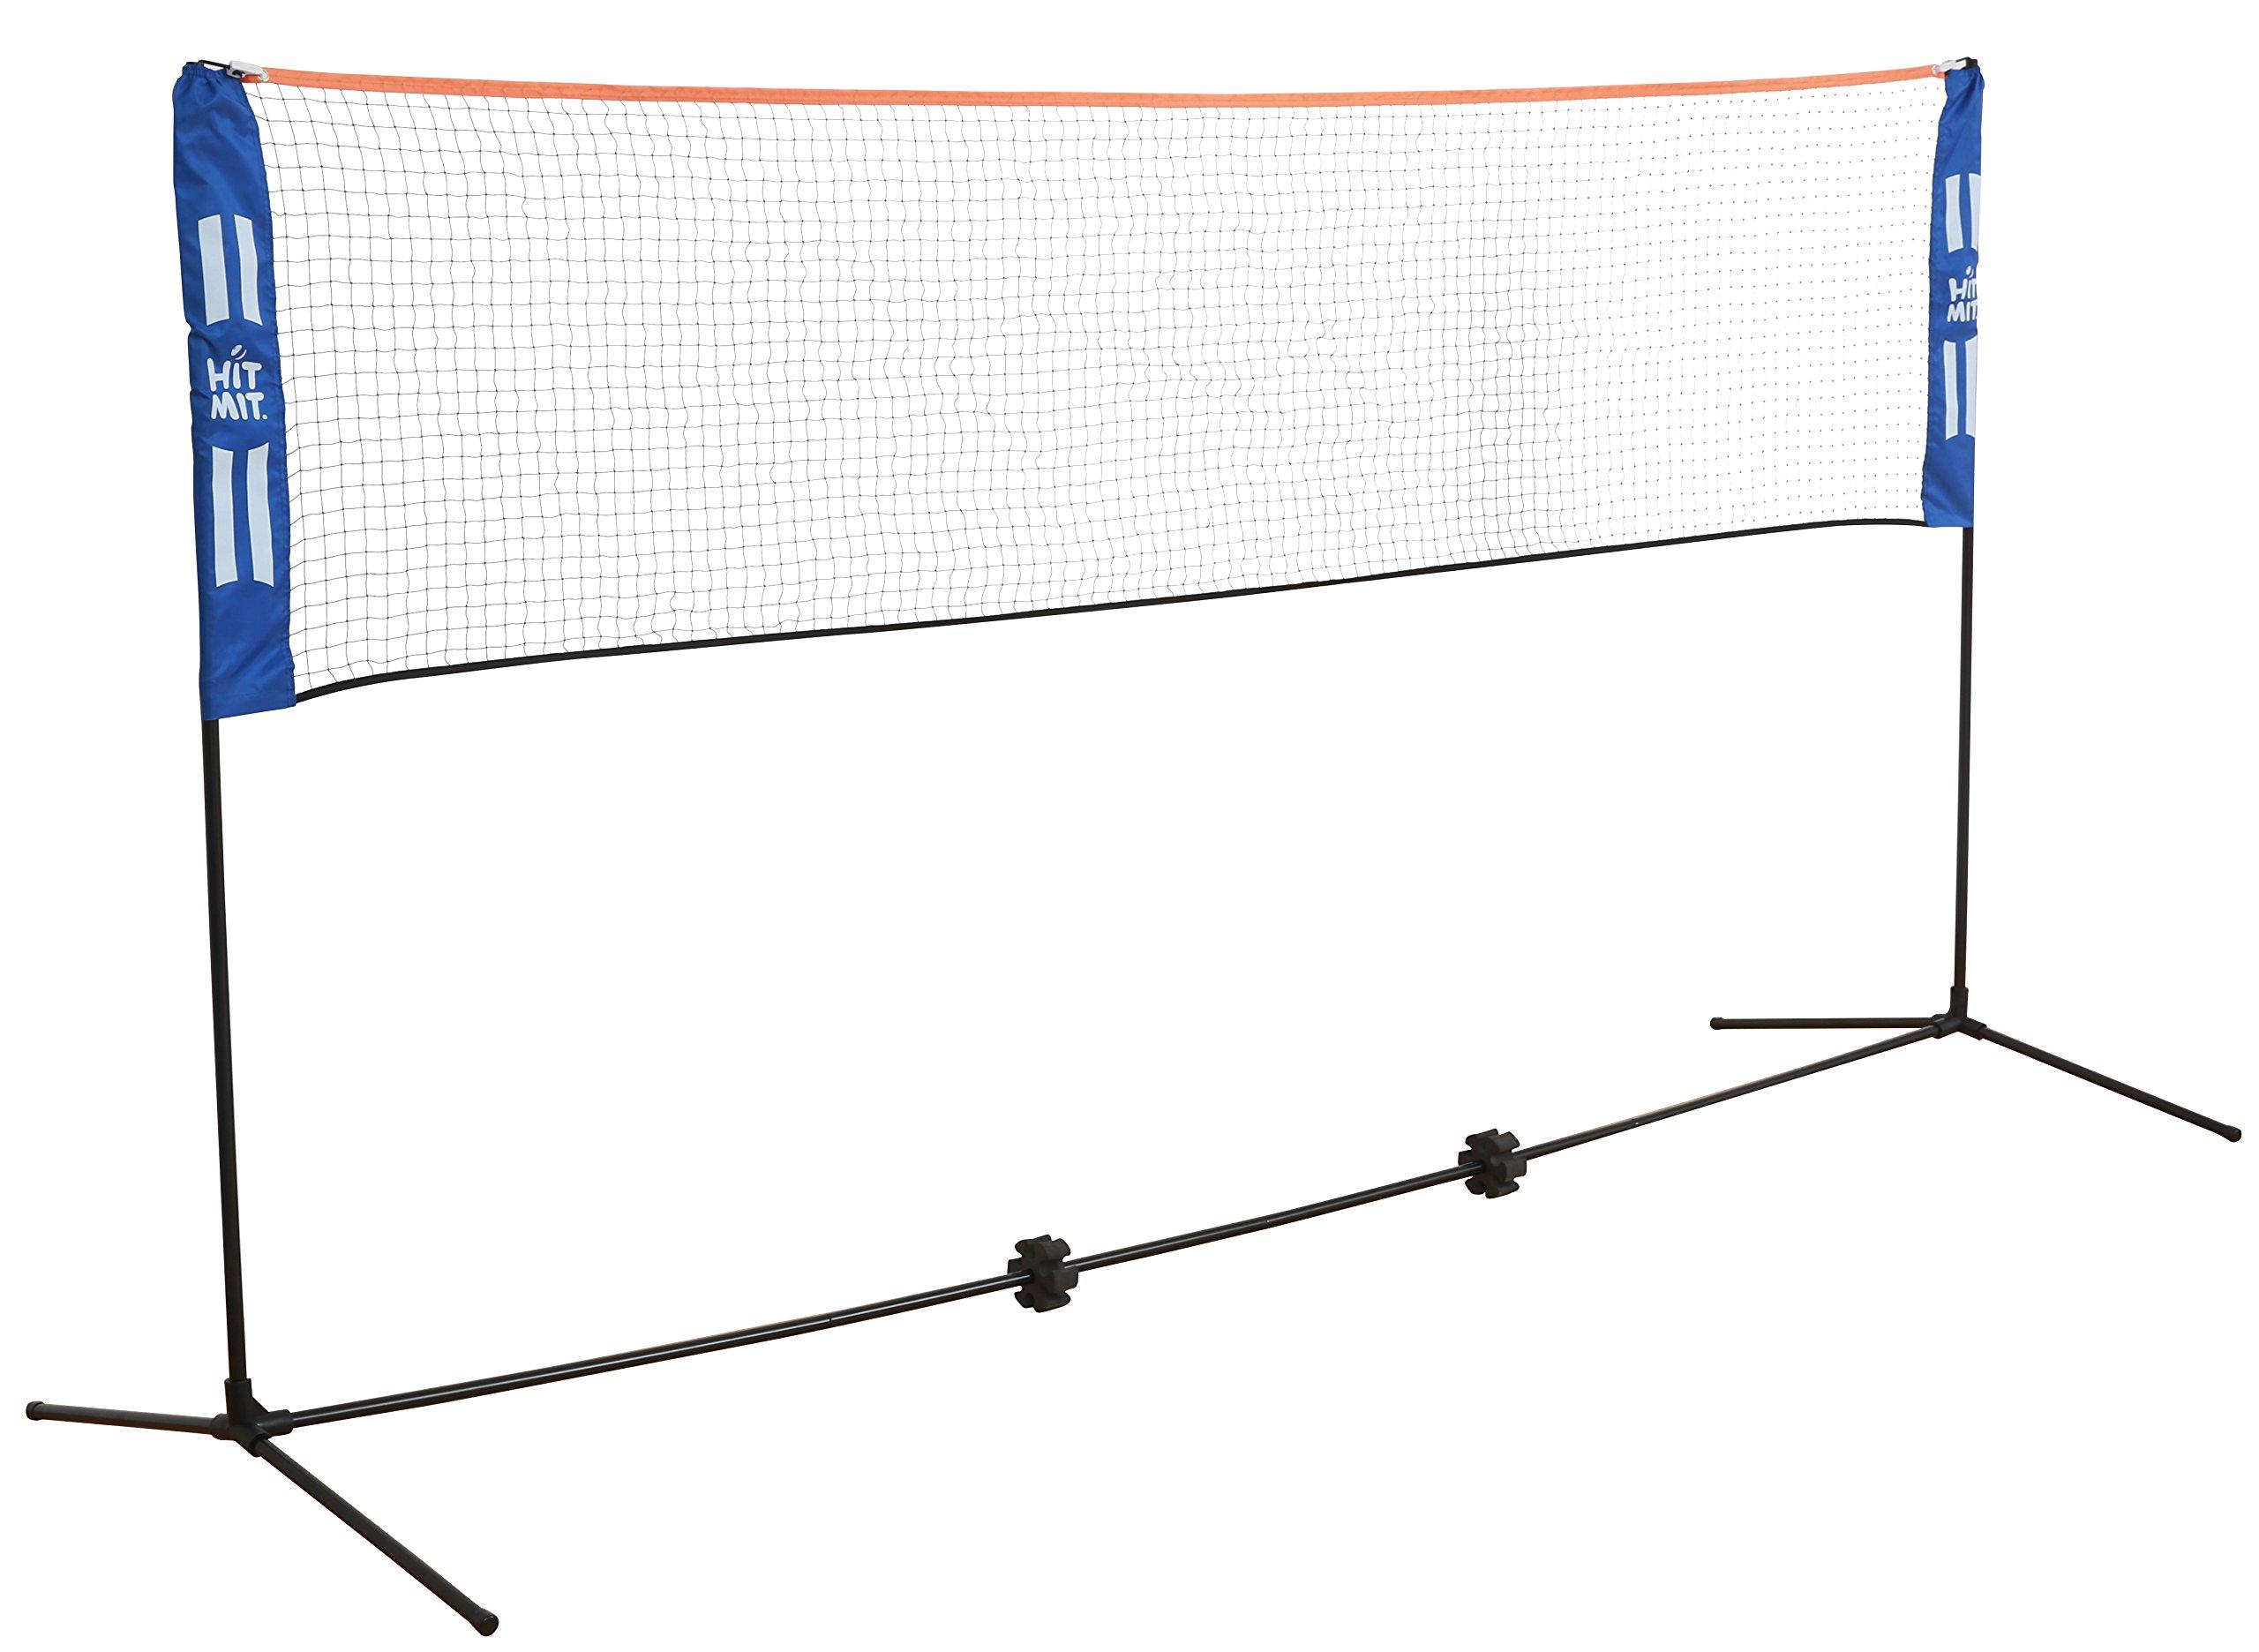 HIT MIT Multi-Sport Adjustable Indoor/Outdoor Net Set